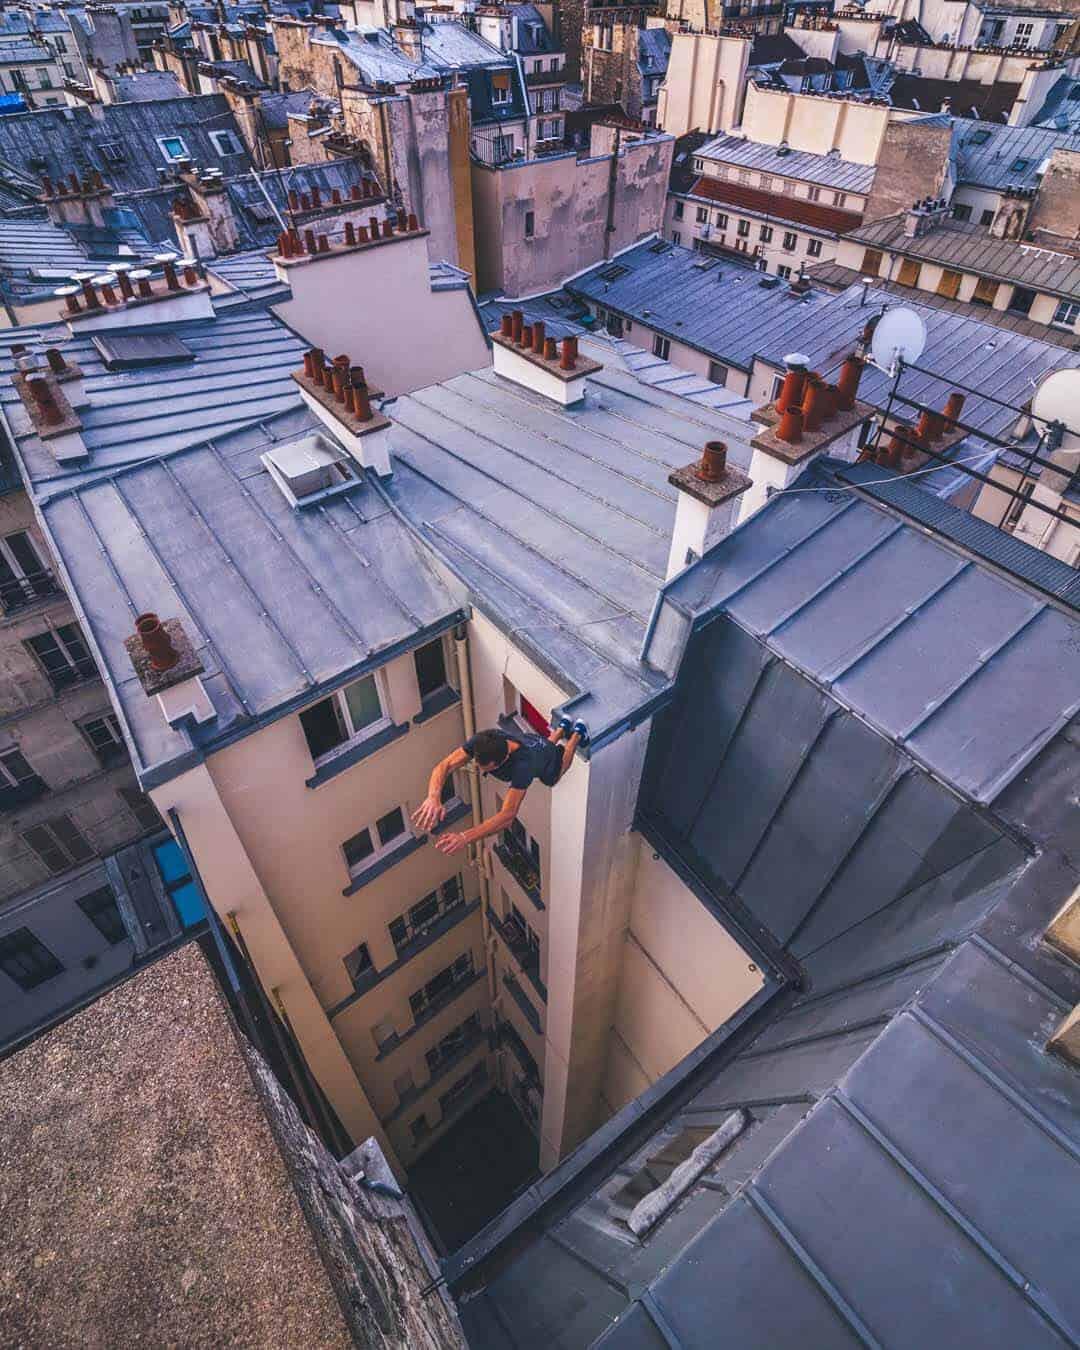 etrefort thibaut parkour clothing outdor paris rooftop pov above